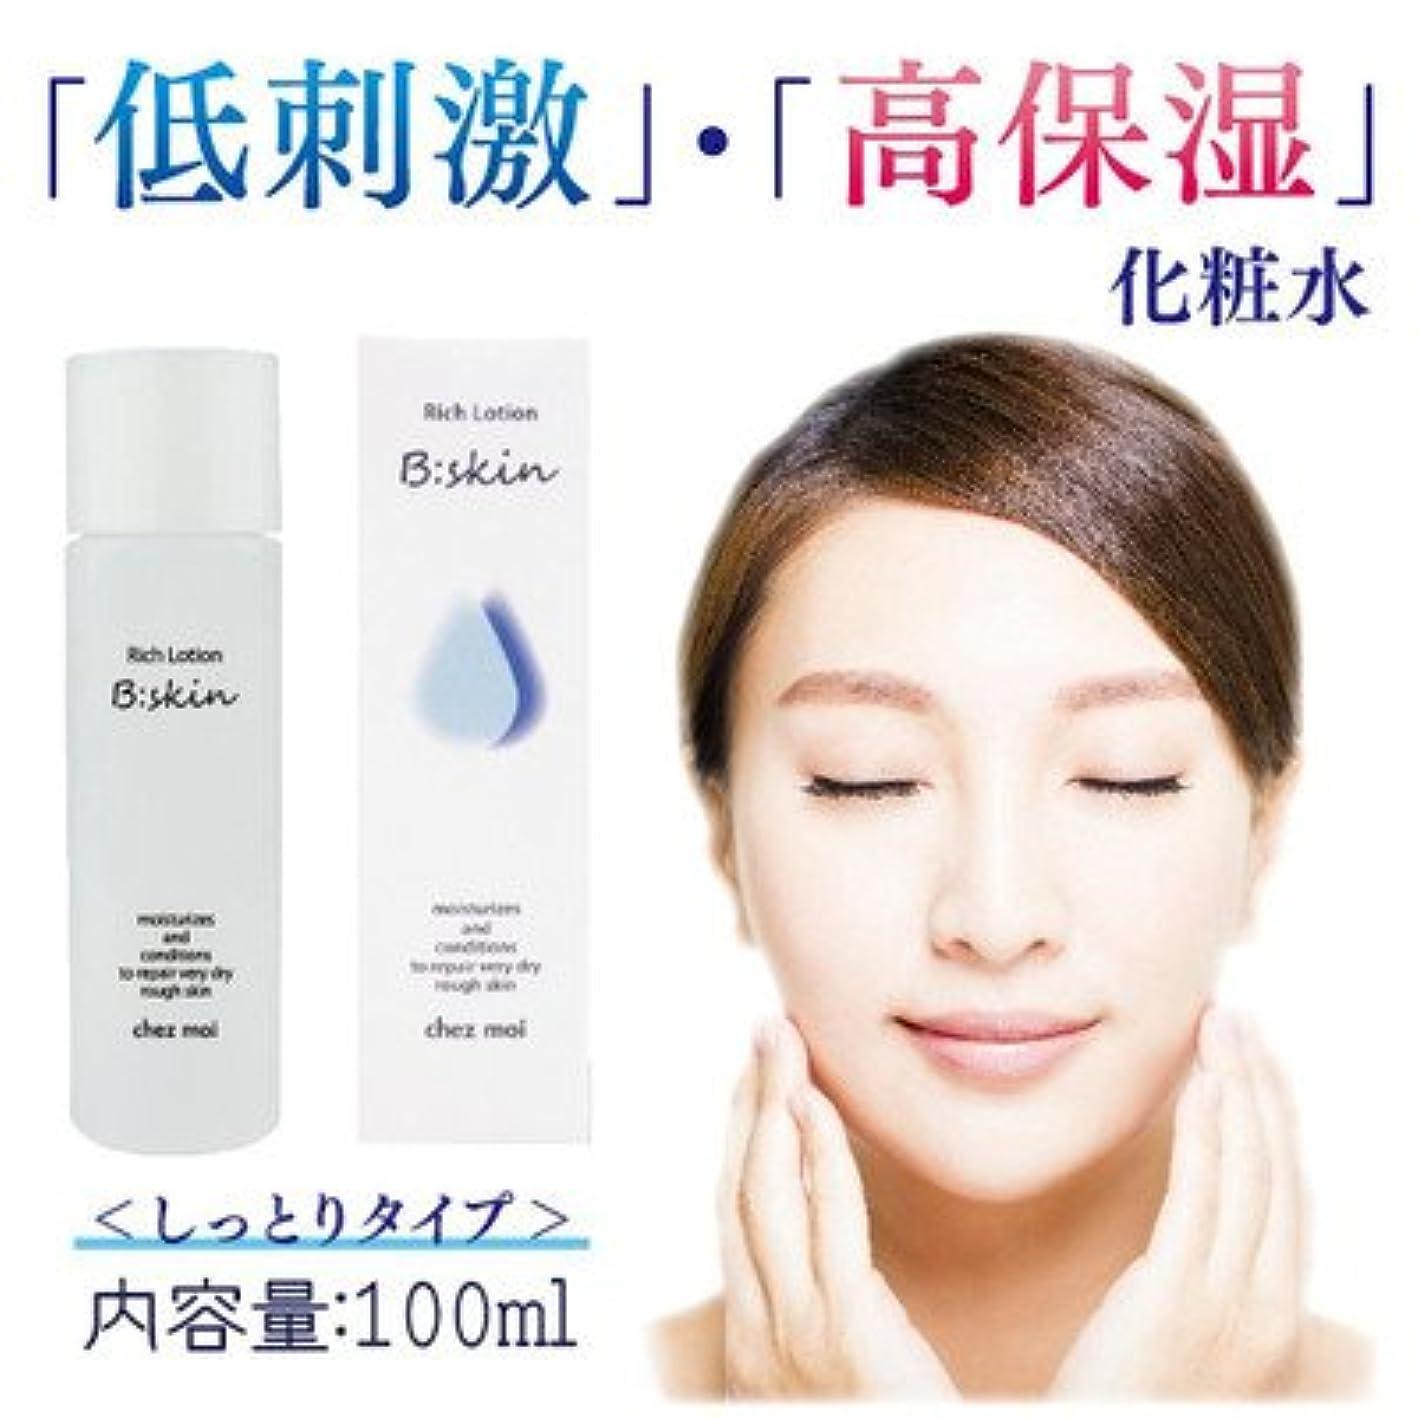 感染するトピック限定低刺激 高保湿 しっとりタイプの化粧水 B:skin ビースキン Rich Lotion リッチローション しっとりタイプ 化粧水 100mL